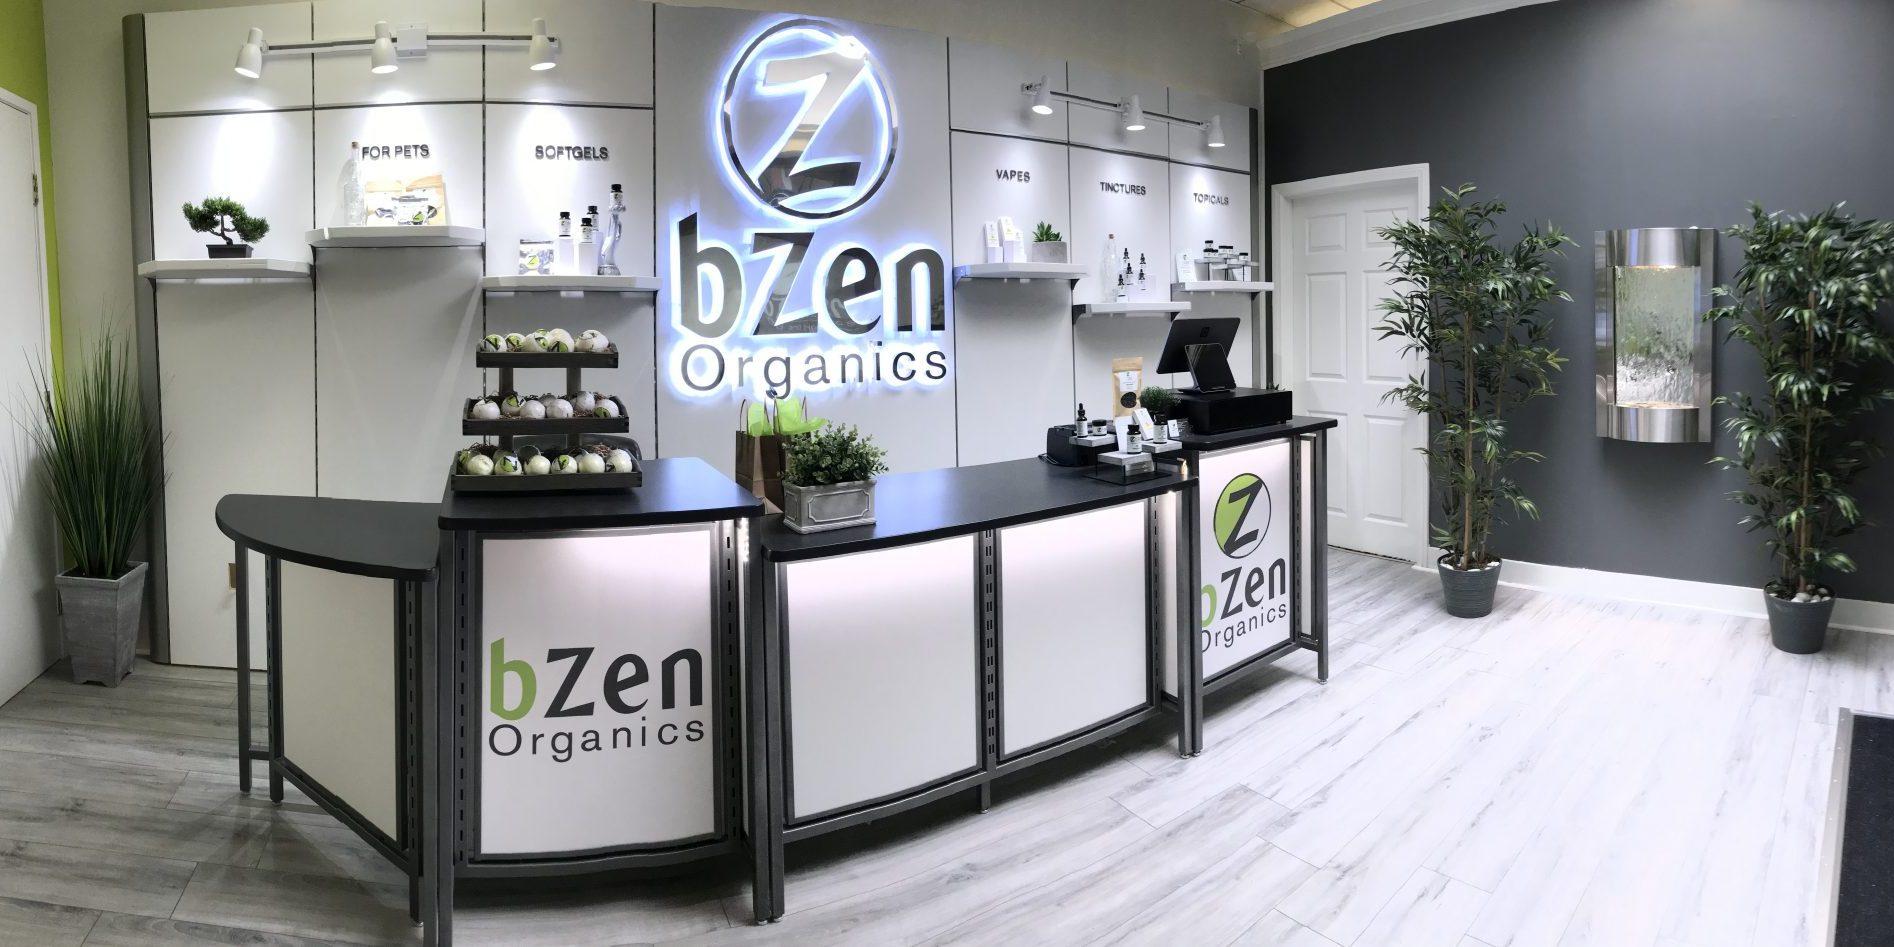 bZen Organics Santa Clarita Store